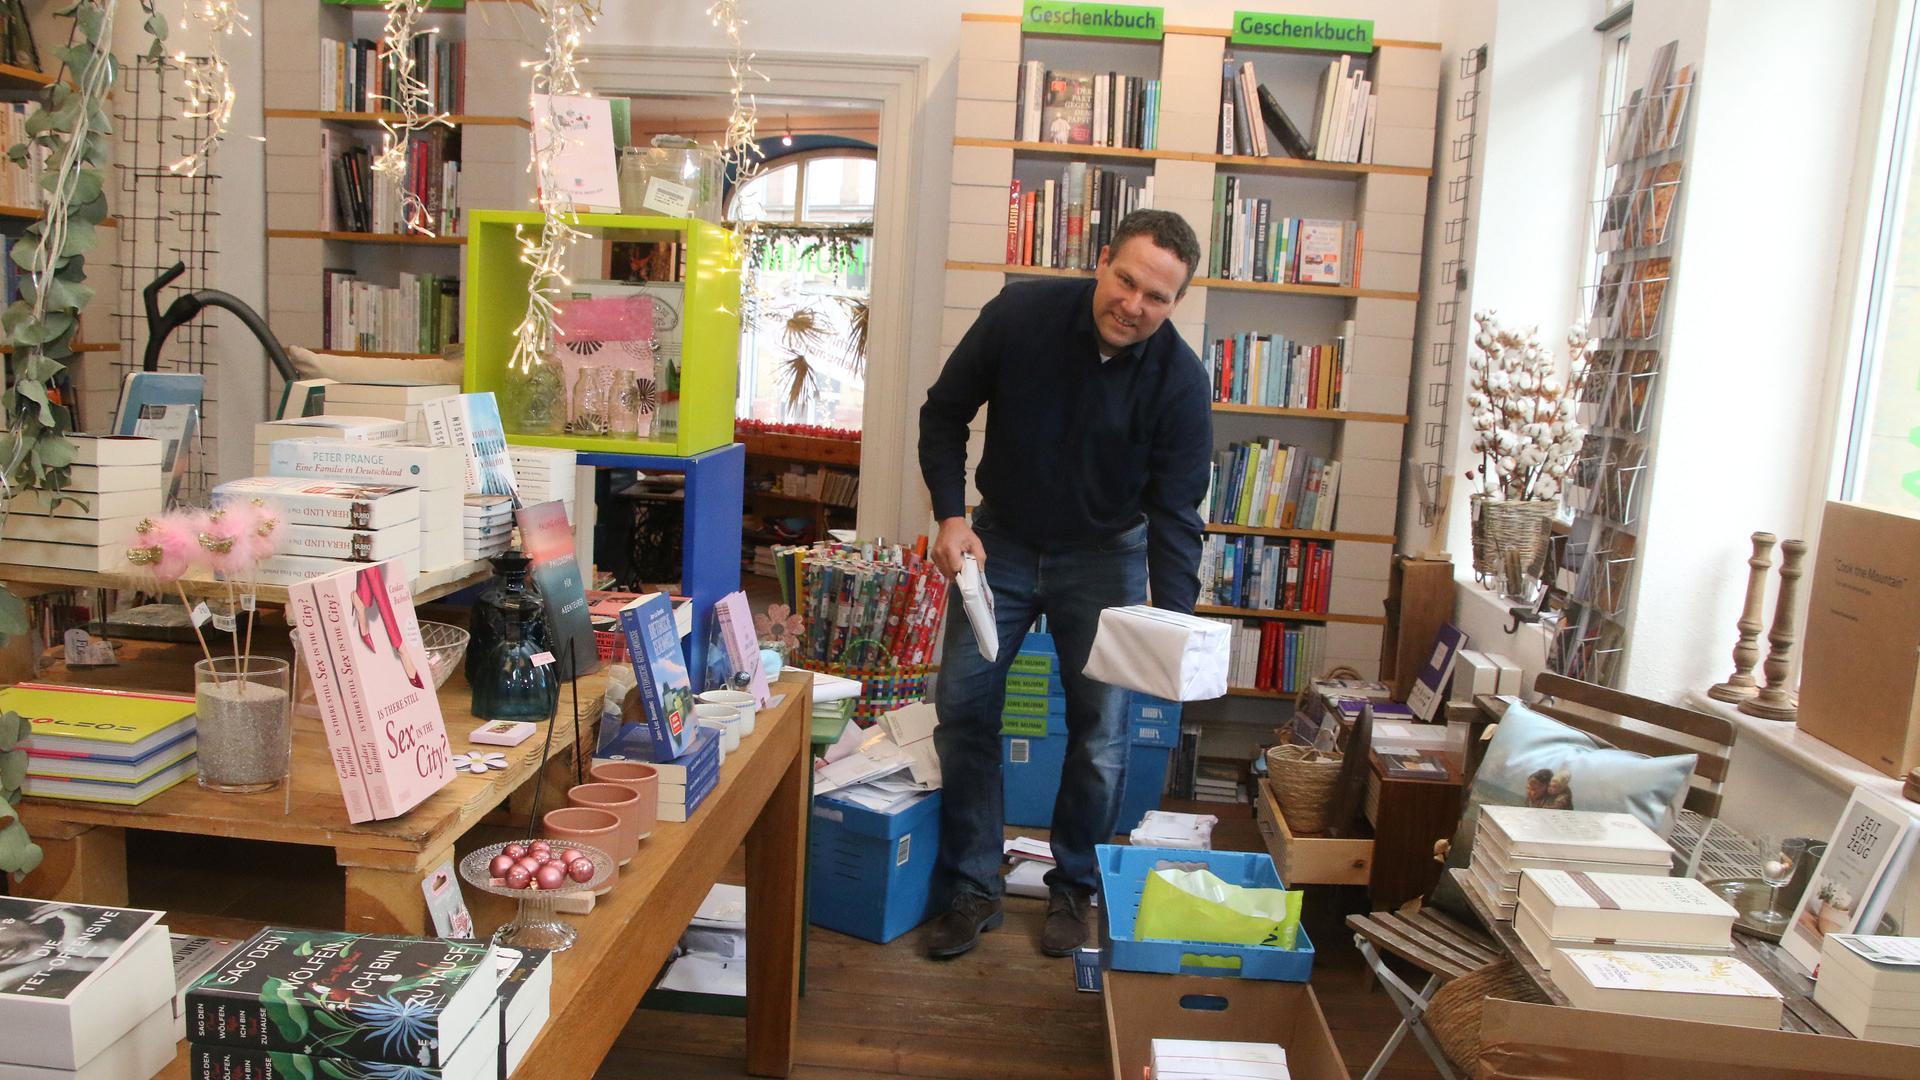 Von wegen Freizeit: Uwe Mumm hat zwar sein Geschäft geschlossen. Sein Buchhandel läuft dennoch mit Volllast weiter.